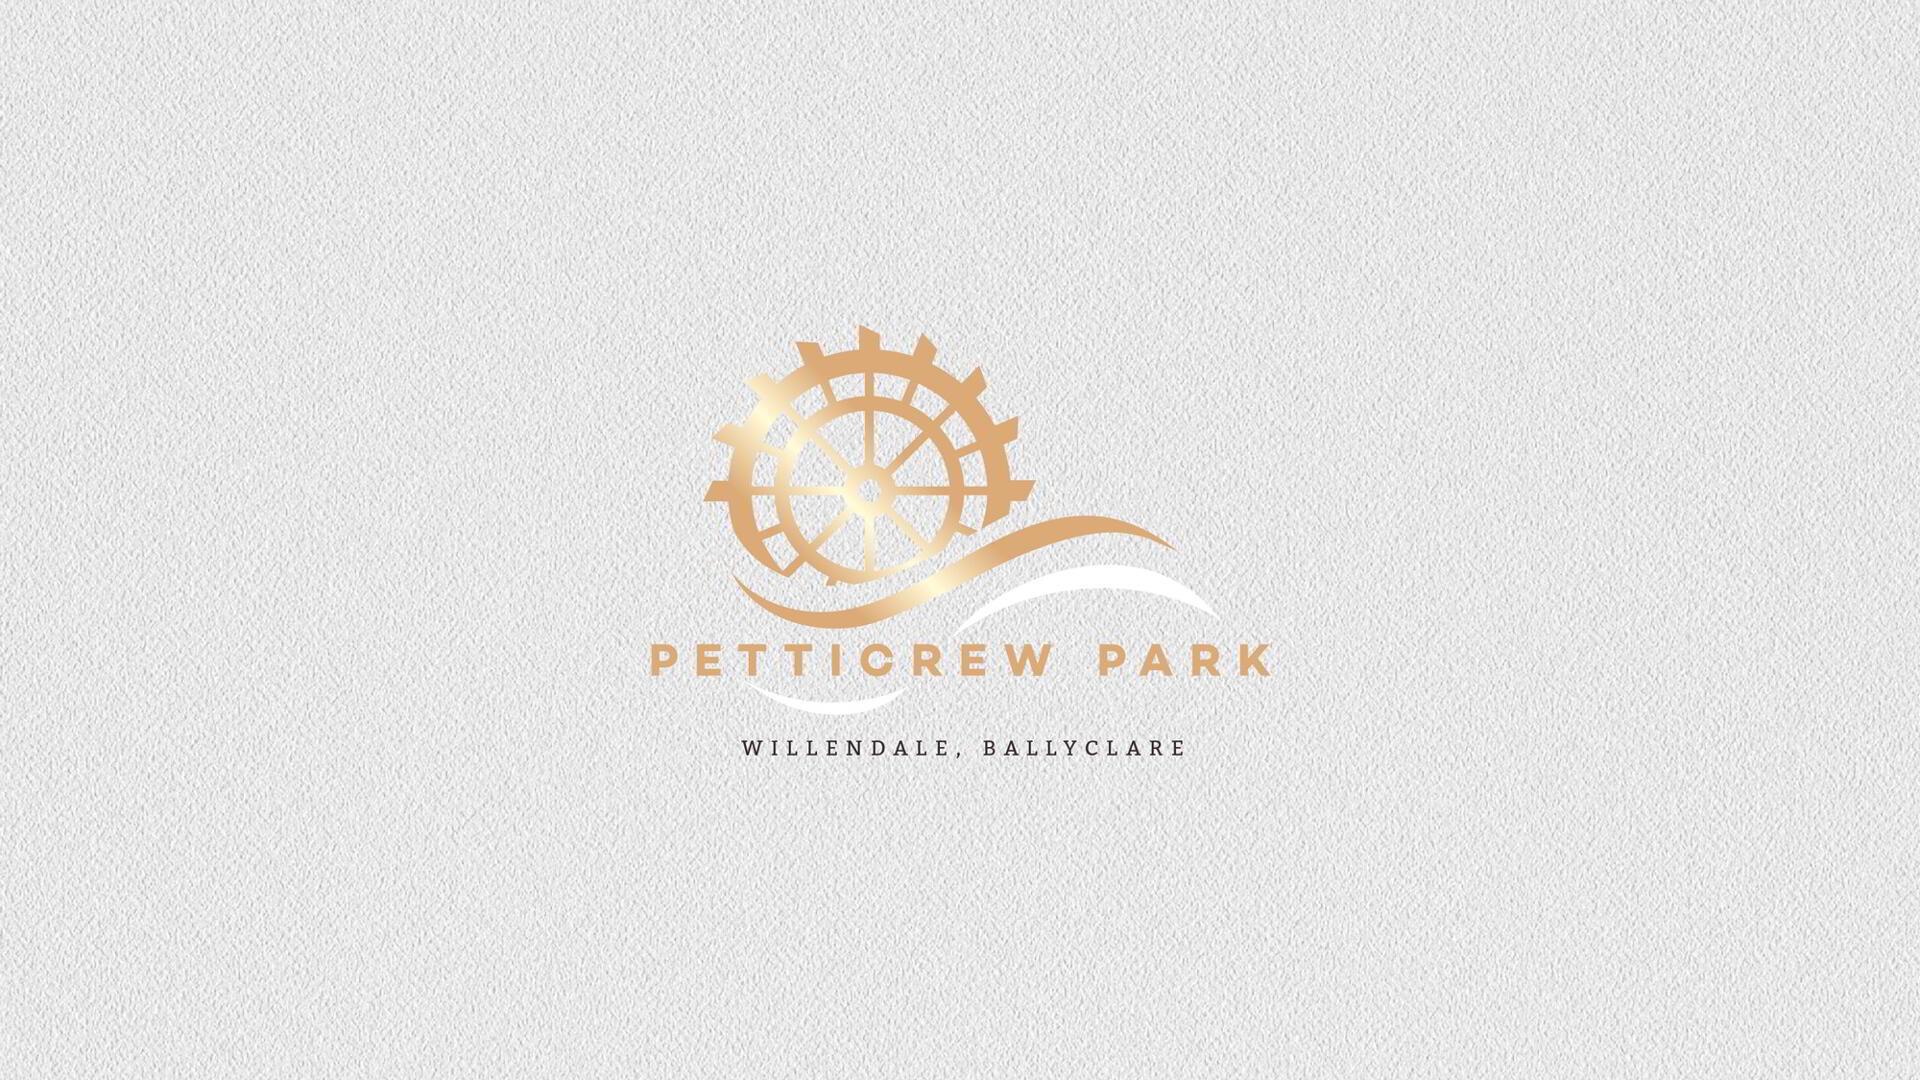 Petticrew Park, Ballyclare